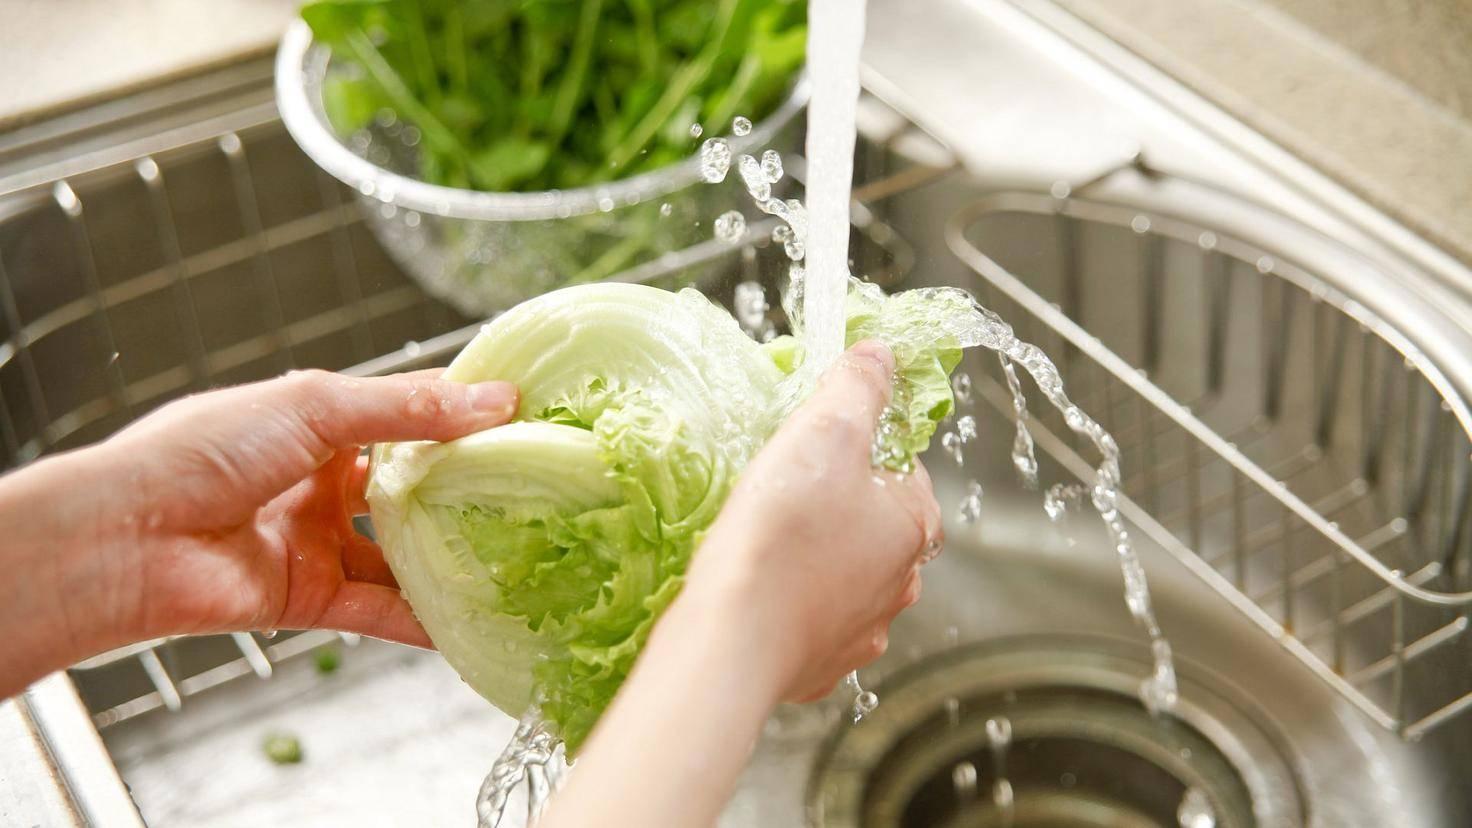 Salat solltest Du nicht unter fließendem Wasser abwaschen!